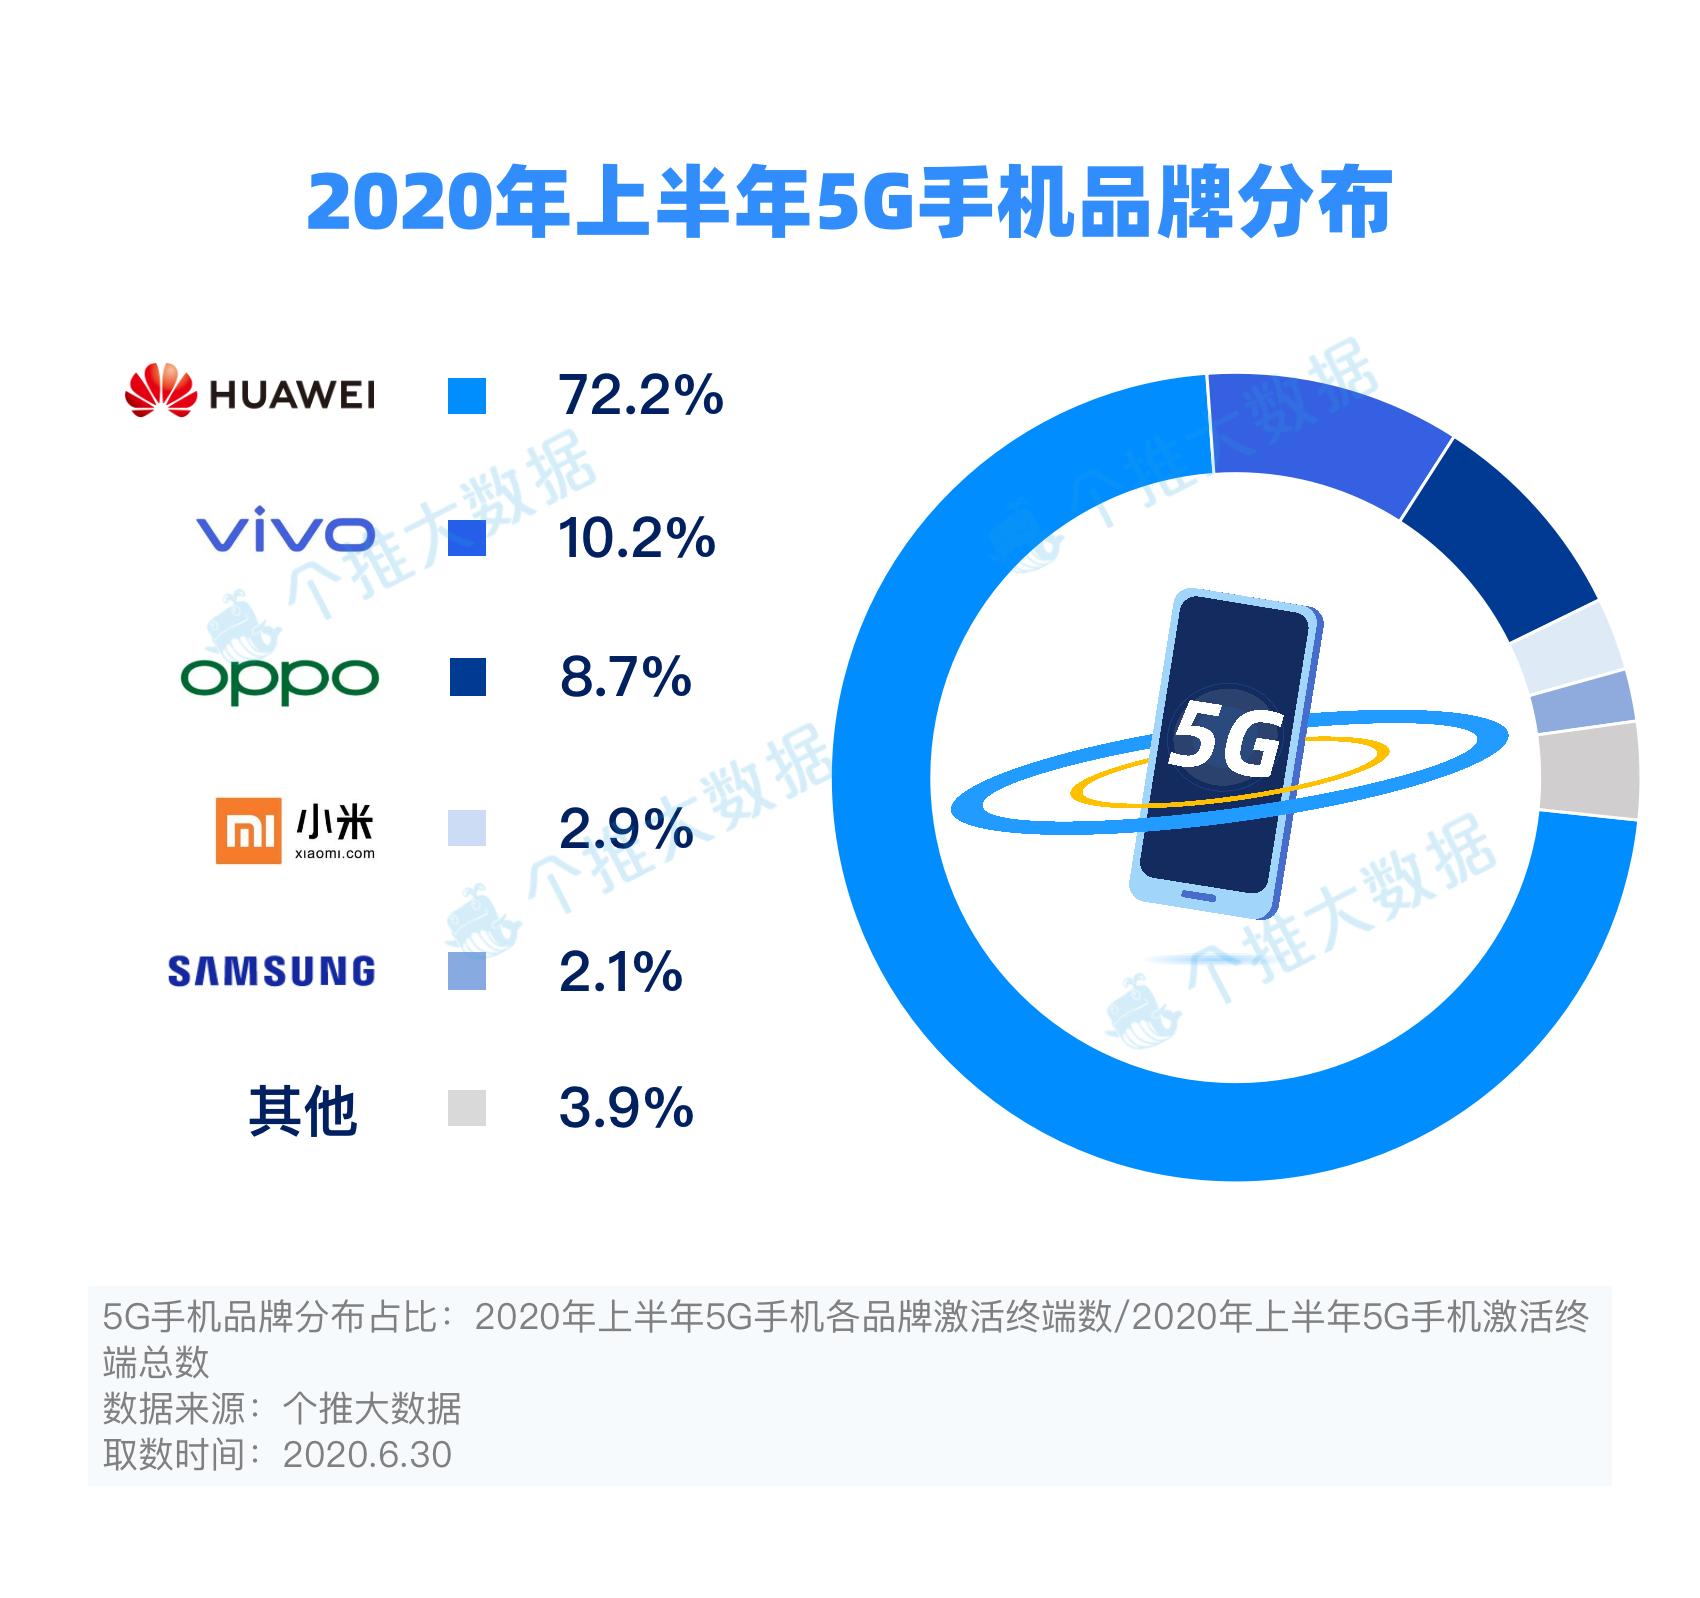 5G手机品牌分布